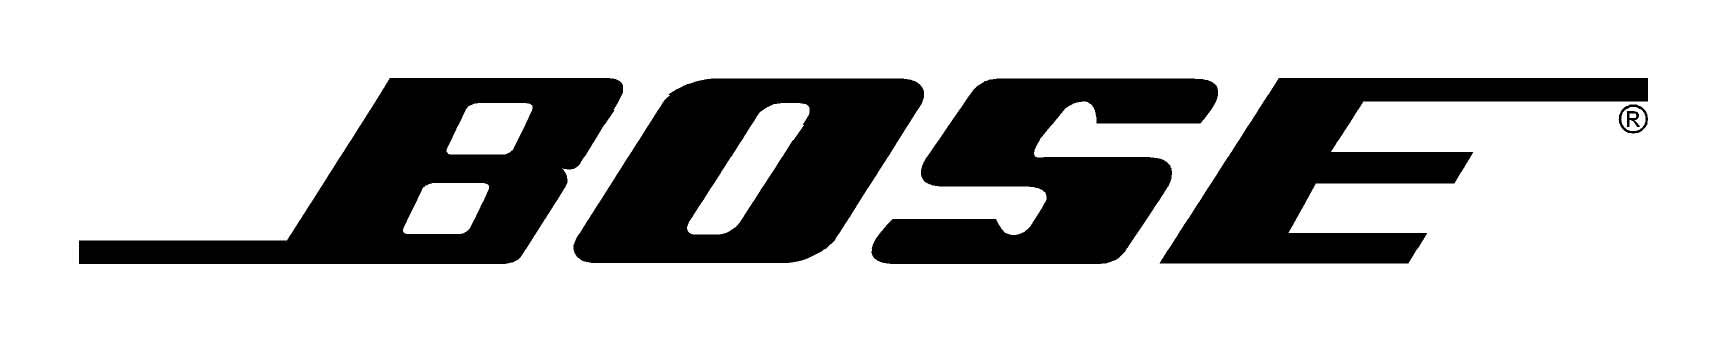 Bose logo png